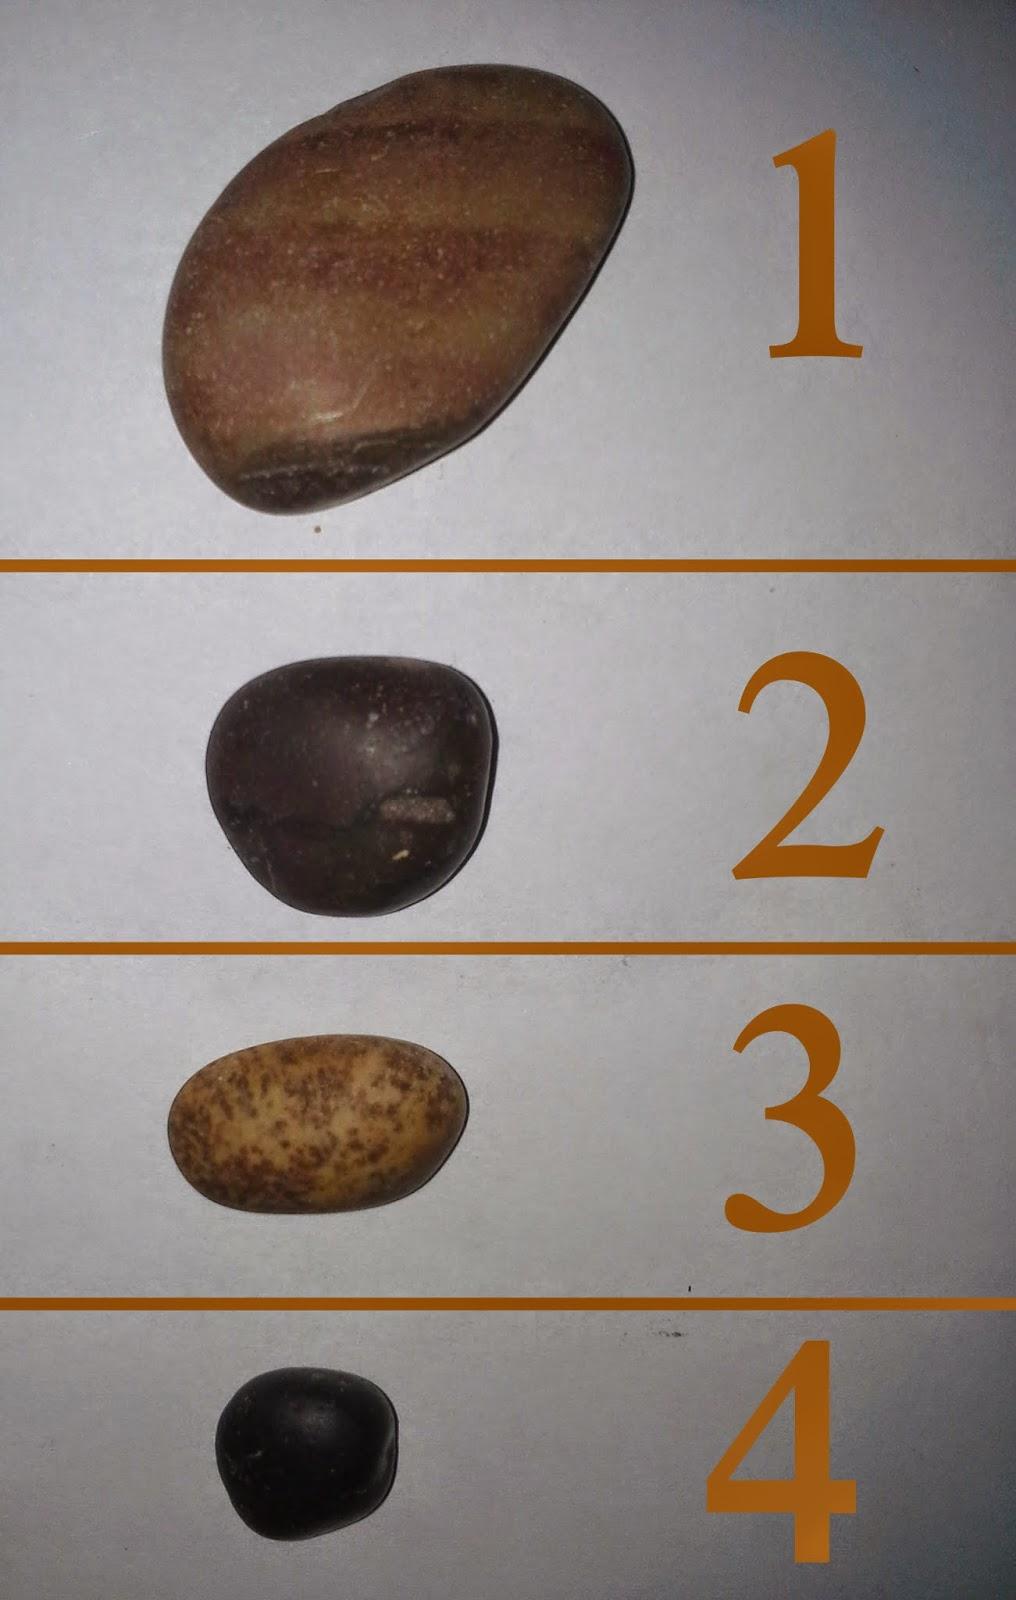 ������ ����� ����� ����� ����� 20.jpg